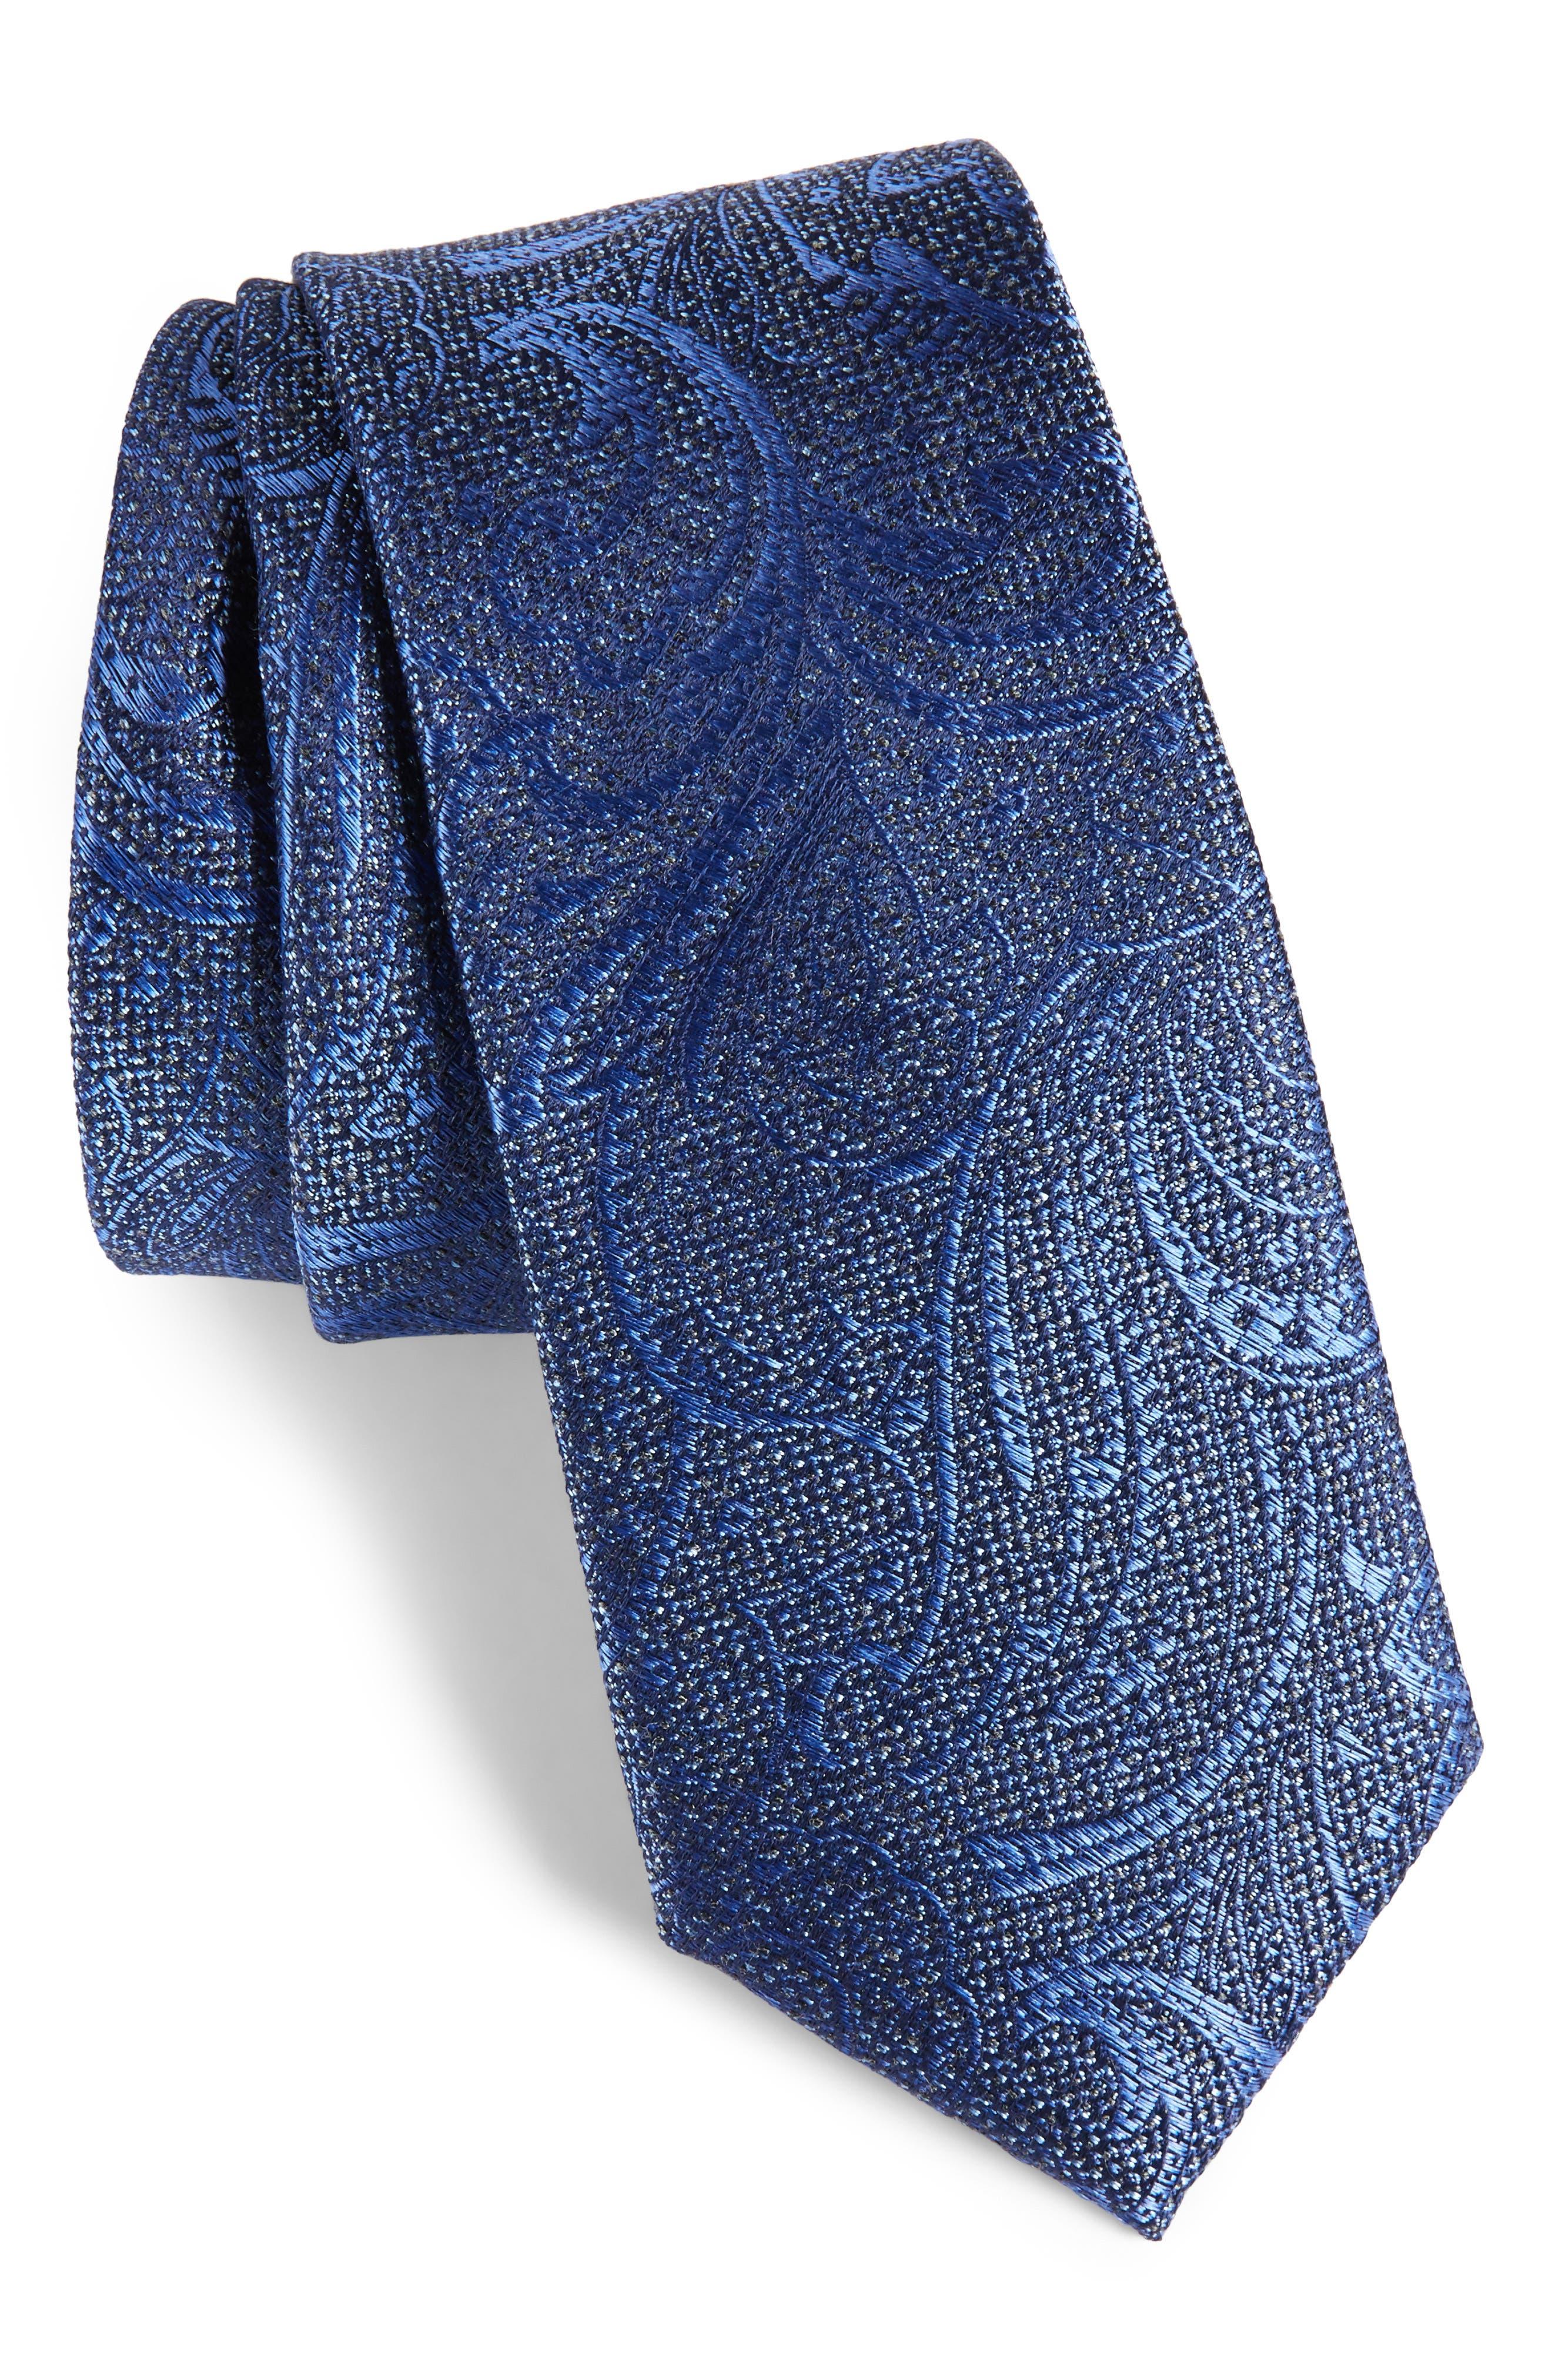 Main Image - Calibrate Hawkins Botanical Silk Tie